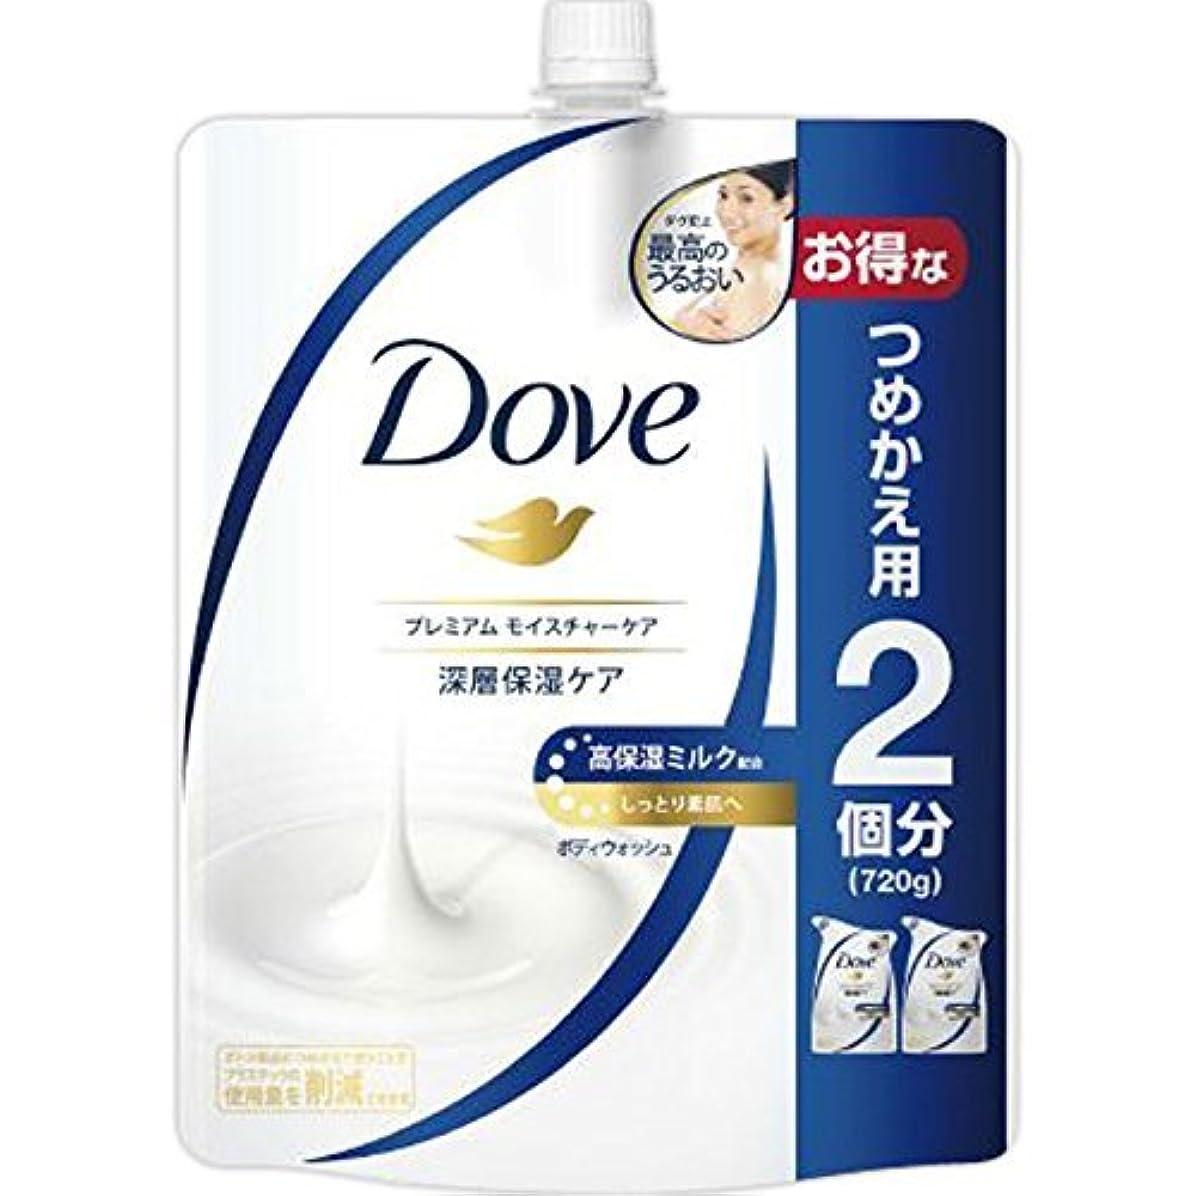 反発退屈な記憶Dove ダヴ ボディウォッシュ プレミアム モイスチャーケア つめかえ用 720g